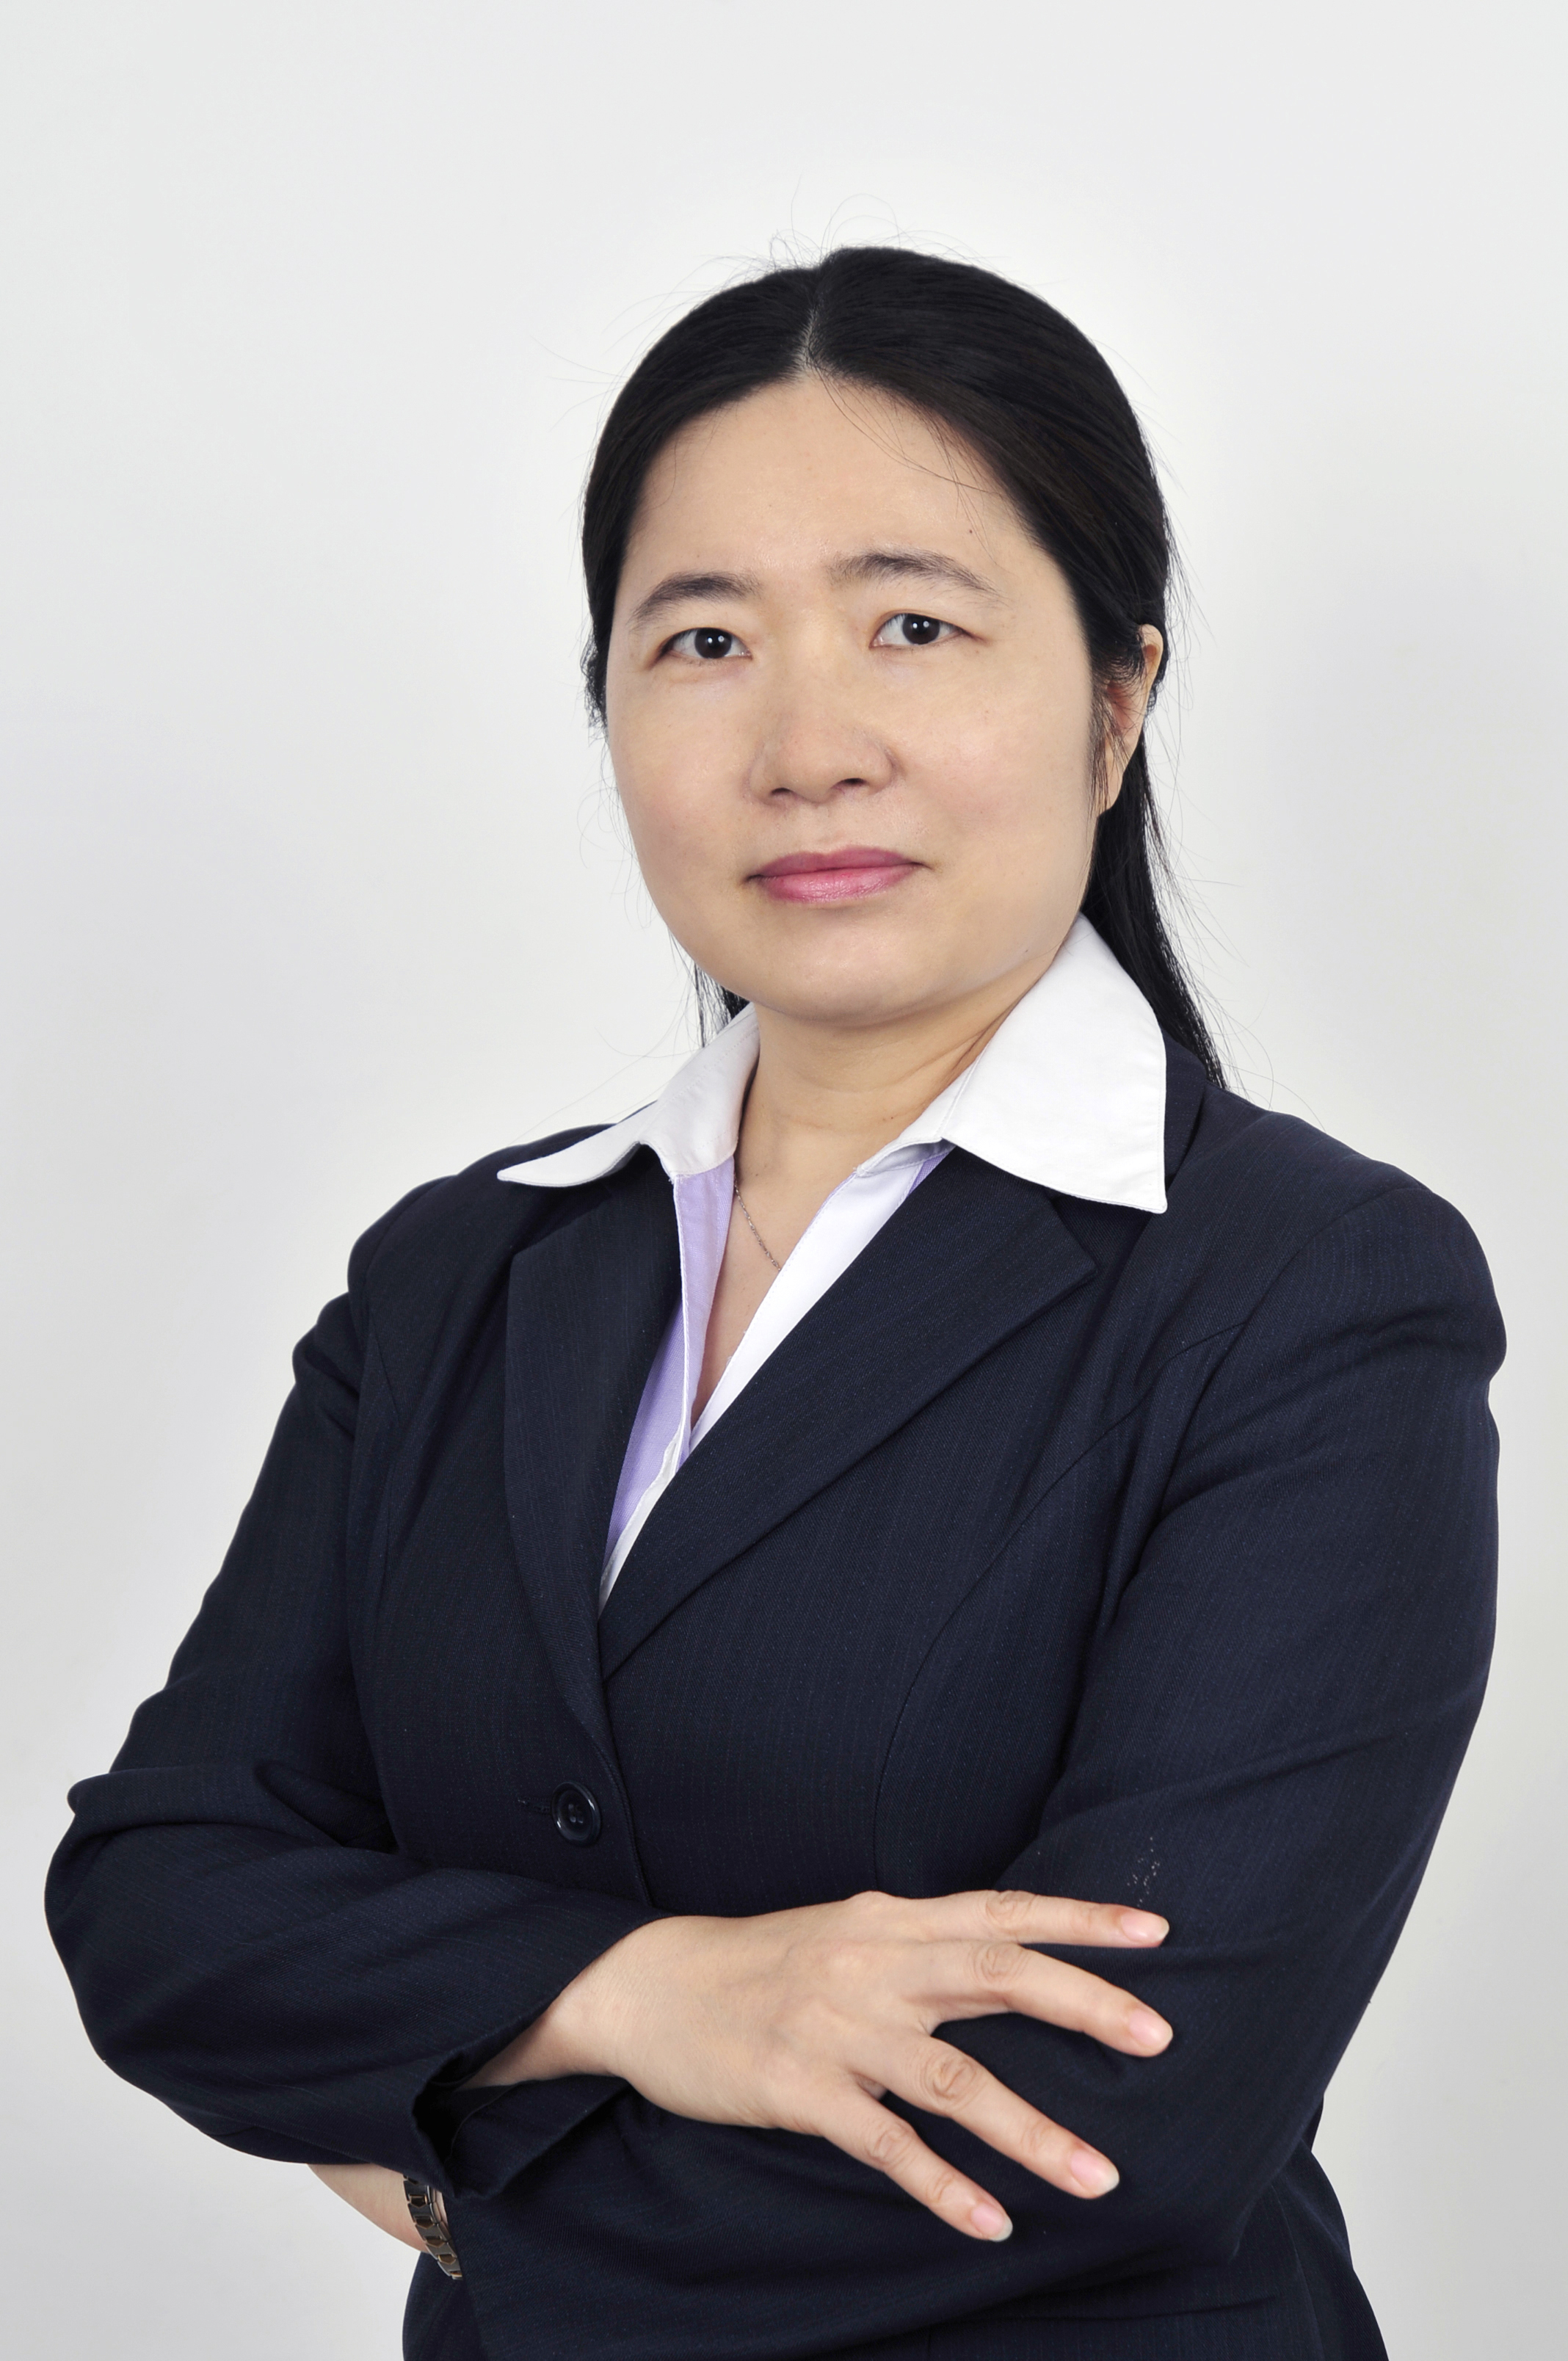 广州家教杨思玲老师